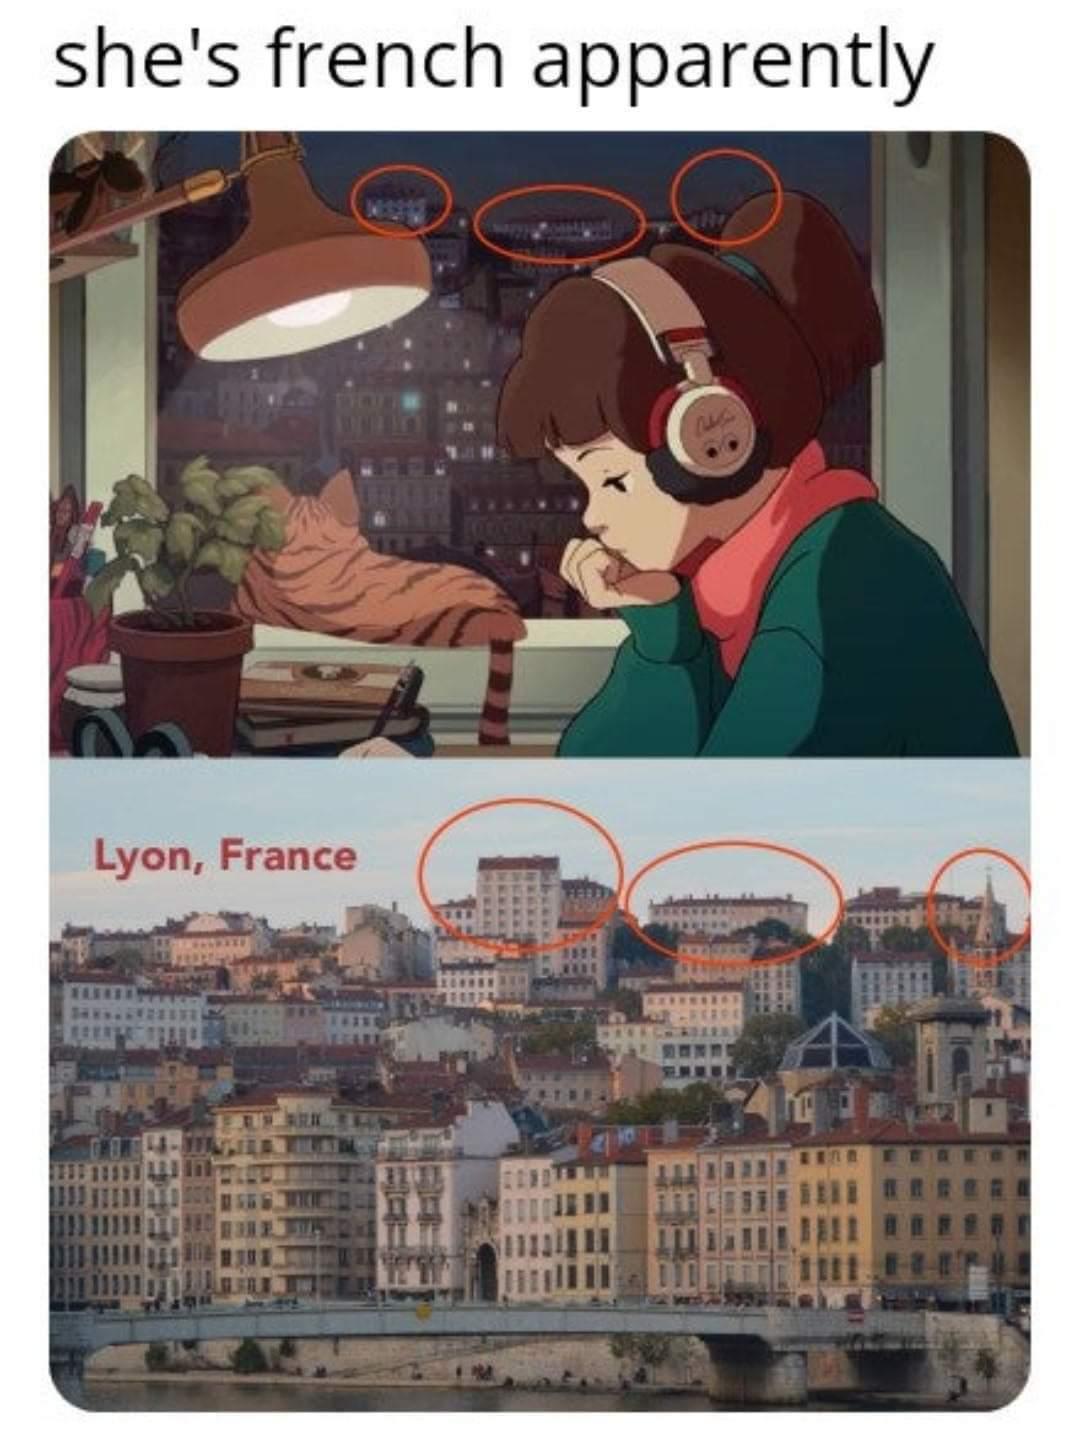 Rpz Lyon - meme